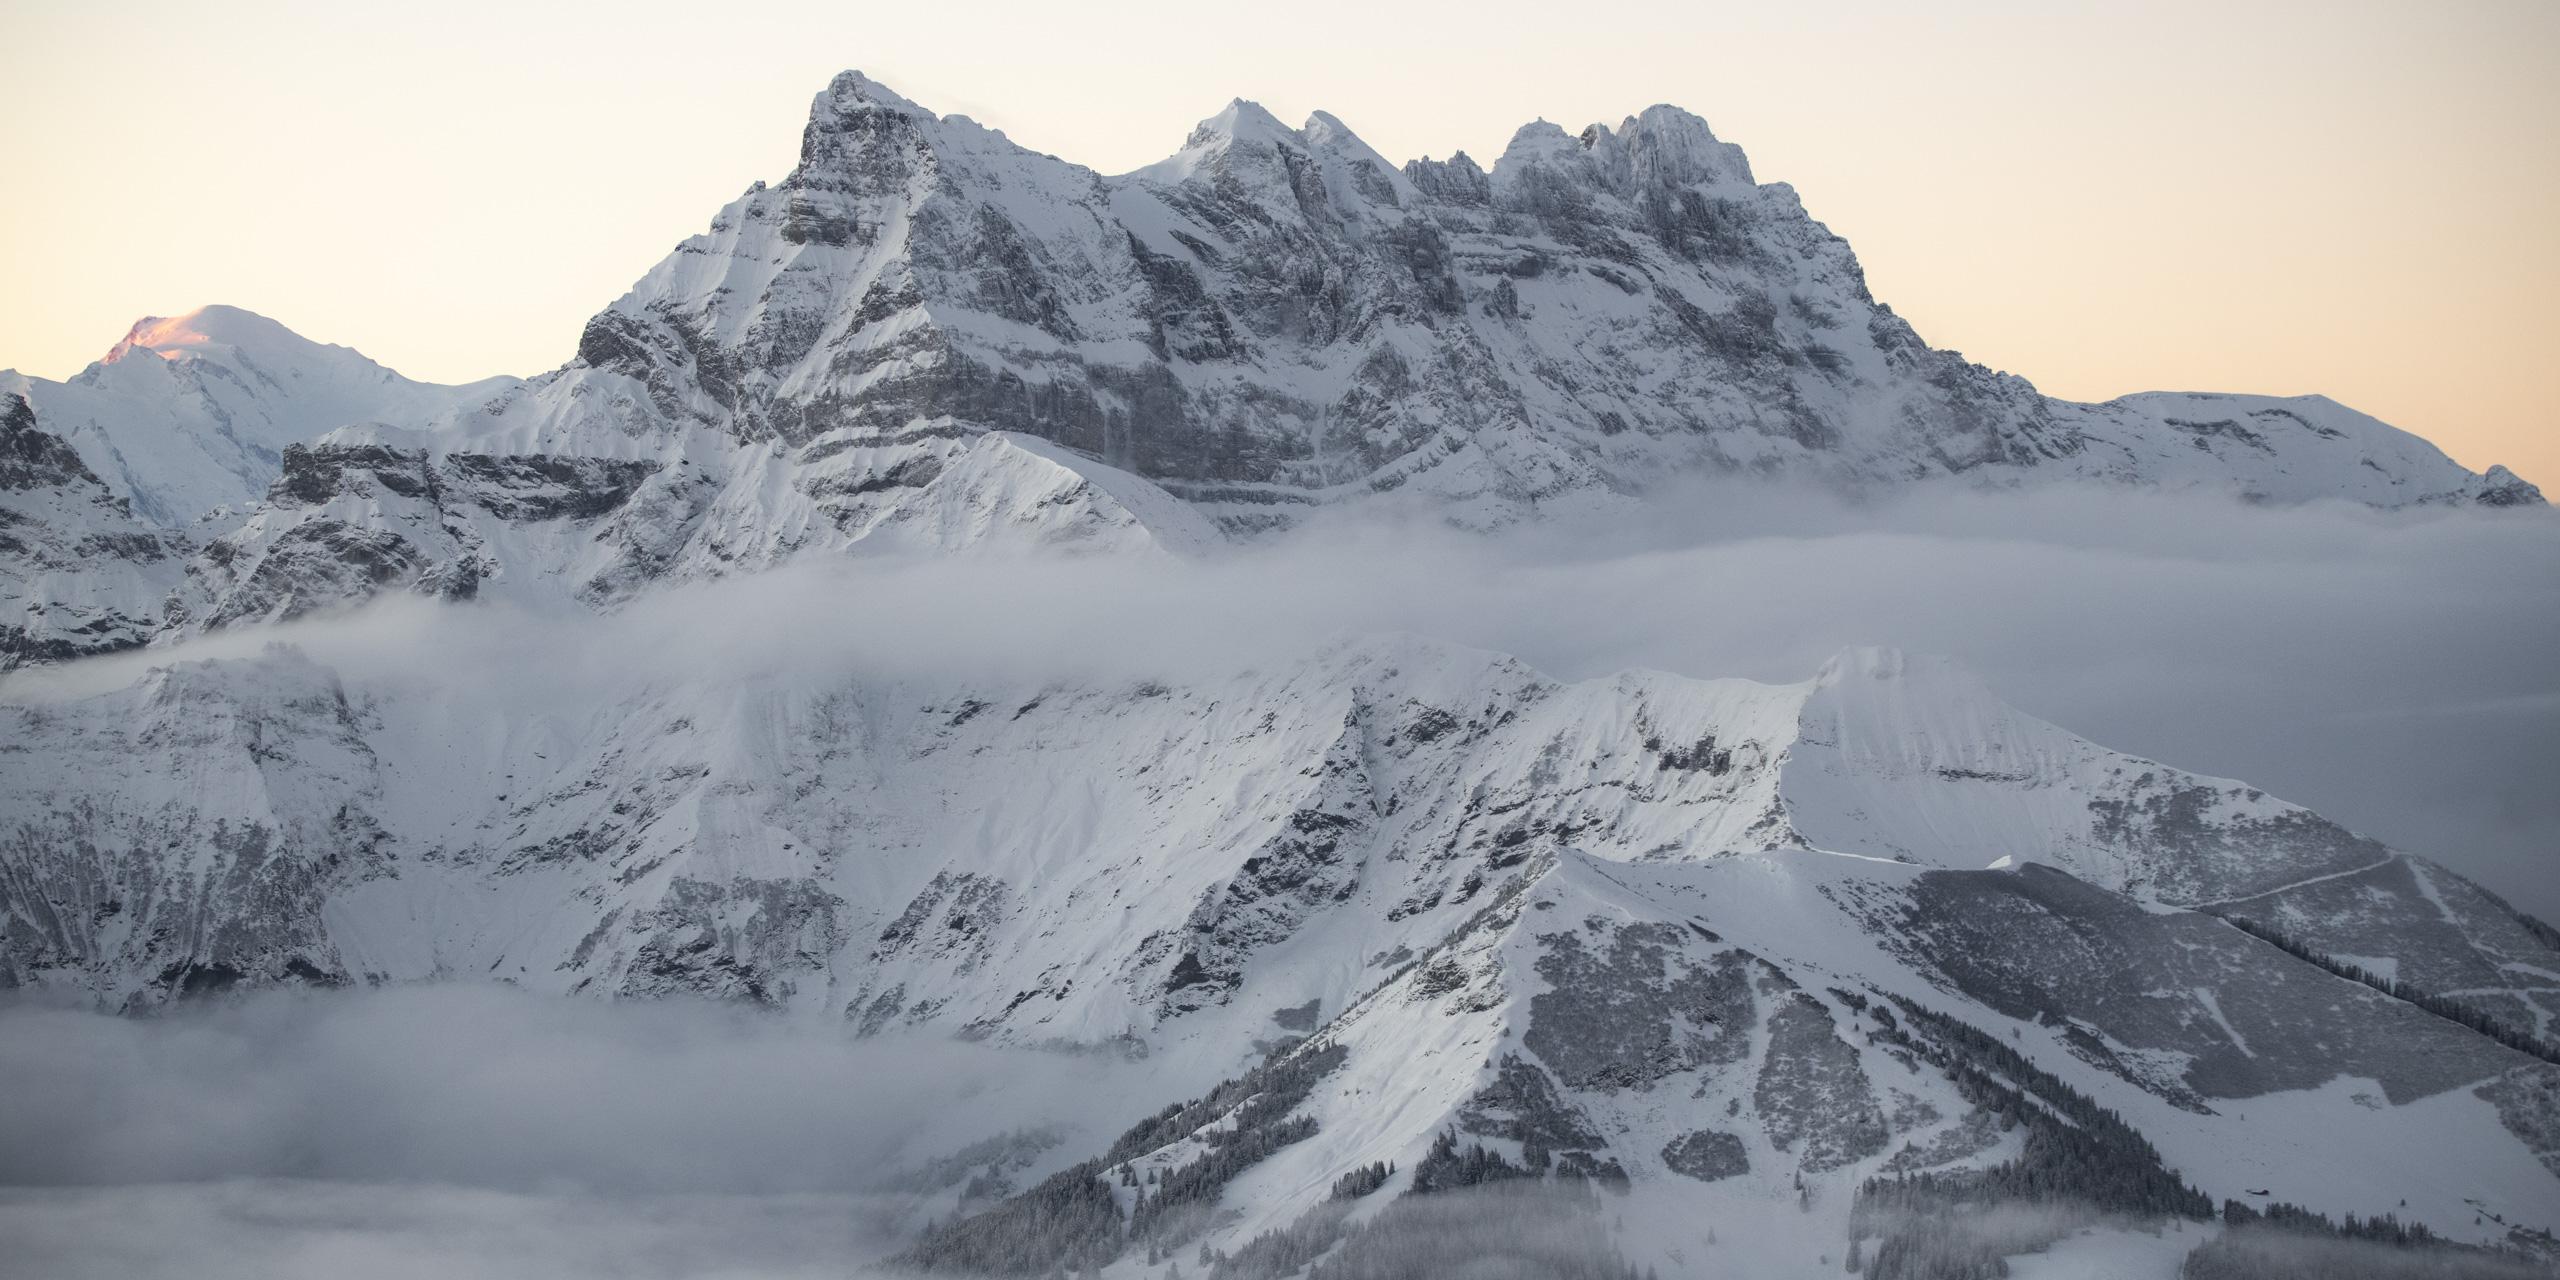 Photographie panoramique des Dents du Midi. Lever de soleil hivernal sur les Dents du midi.